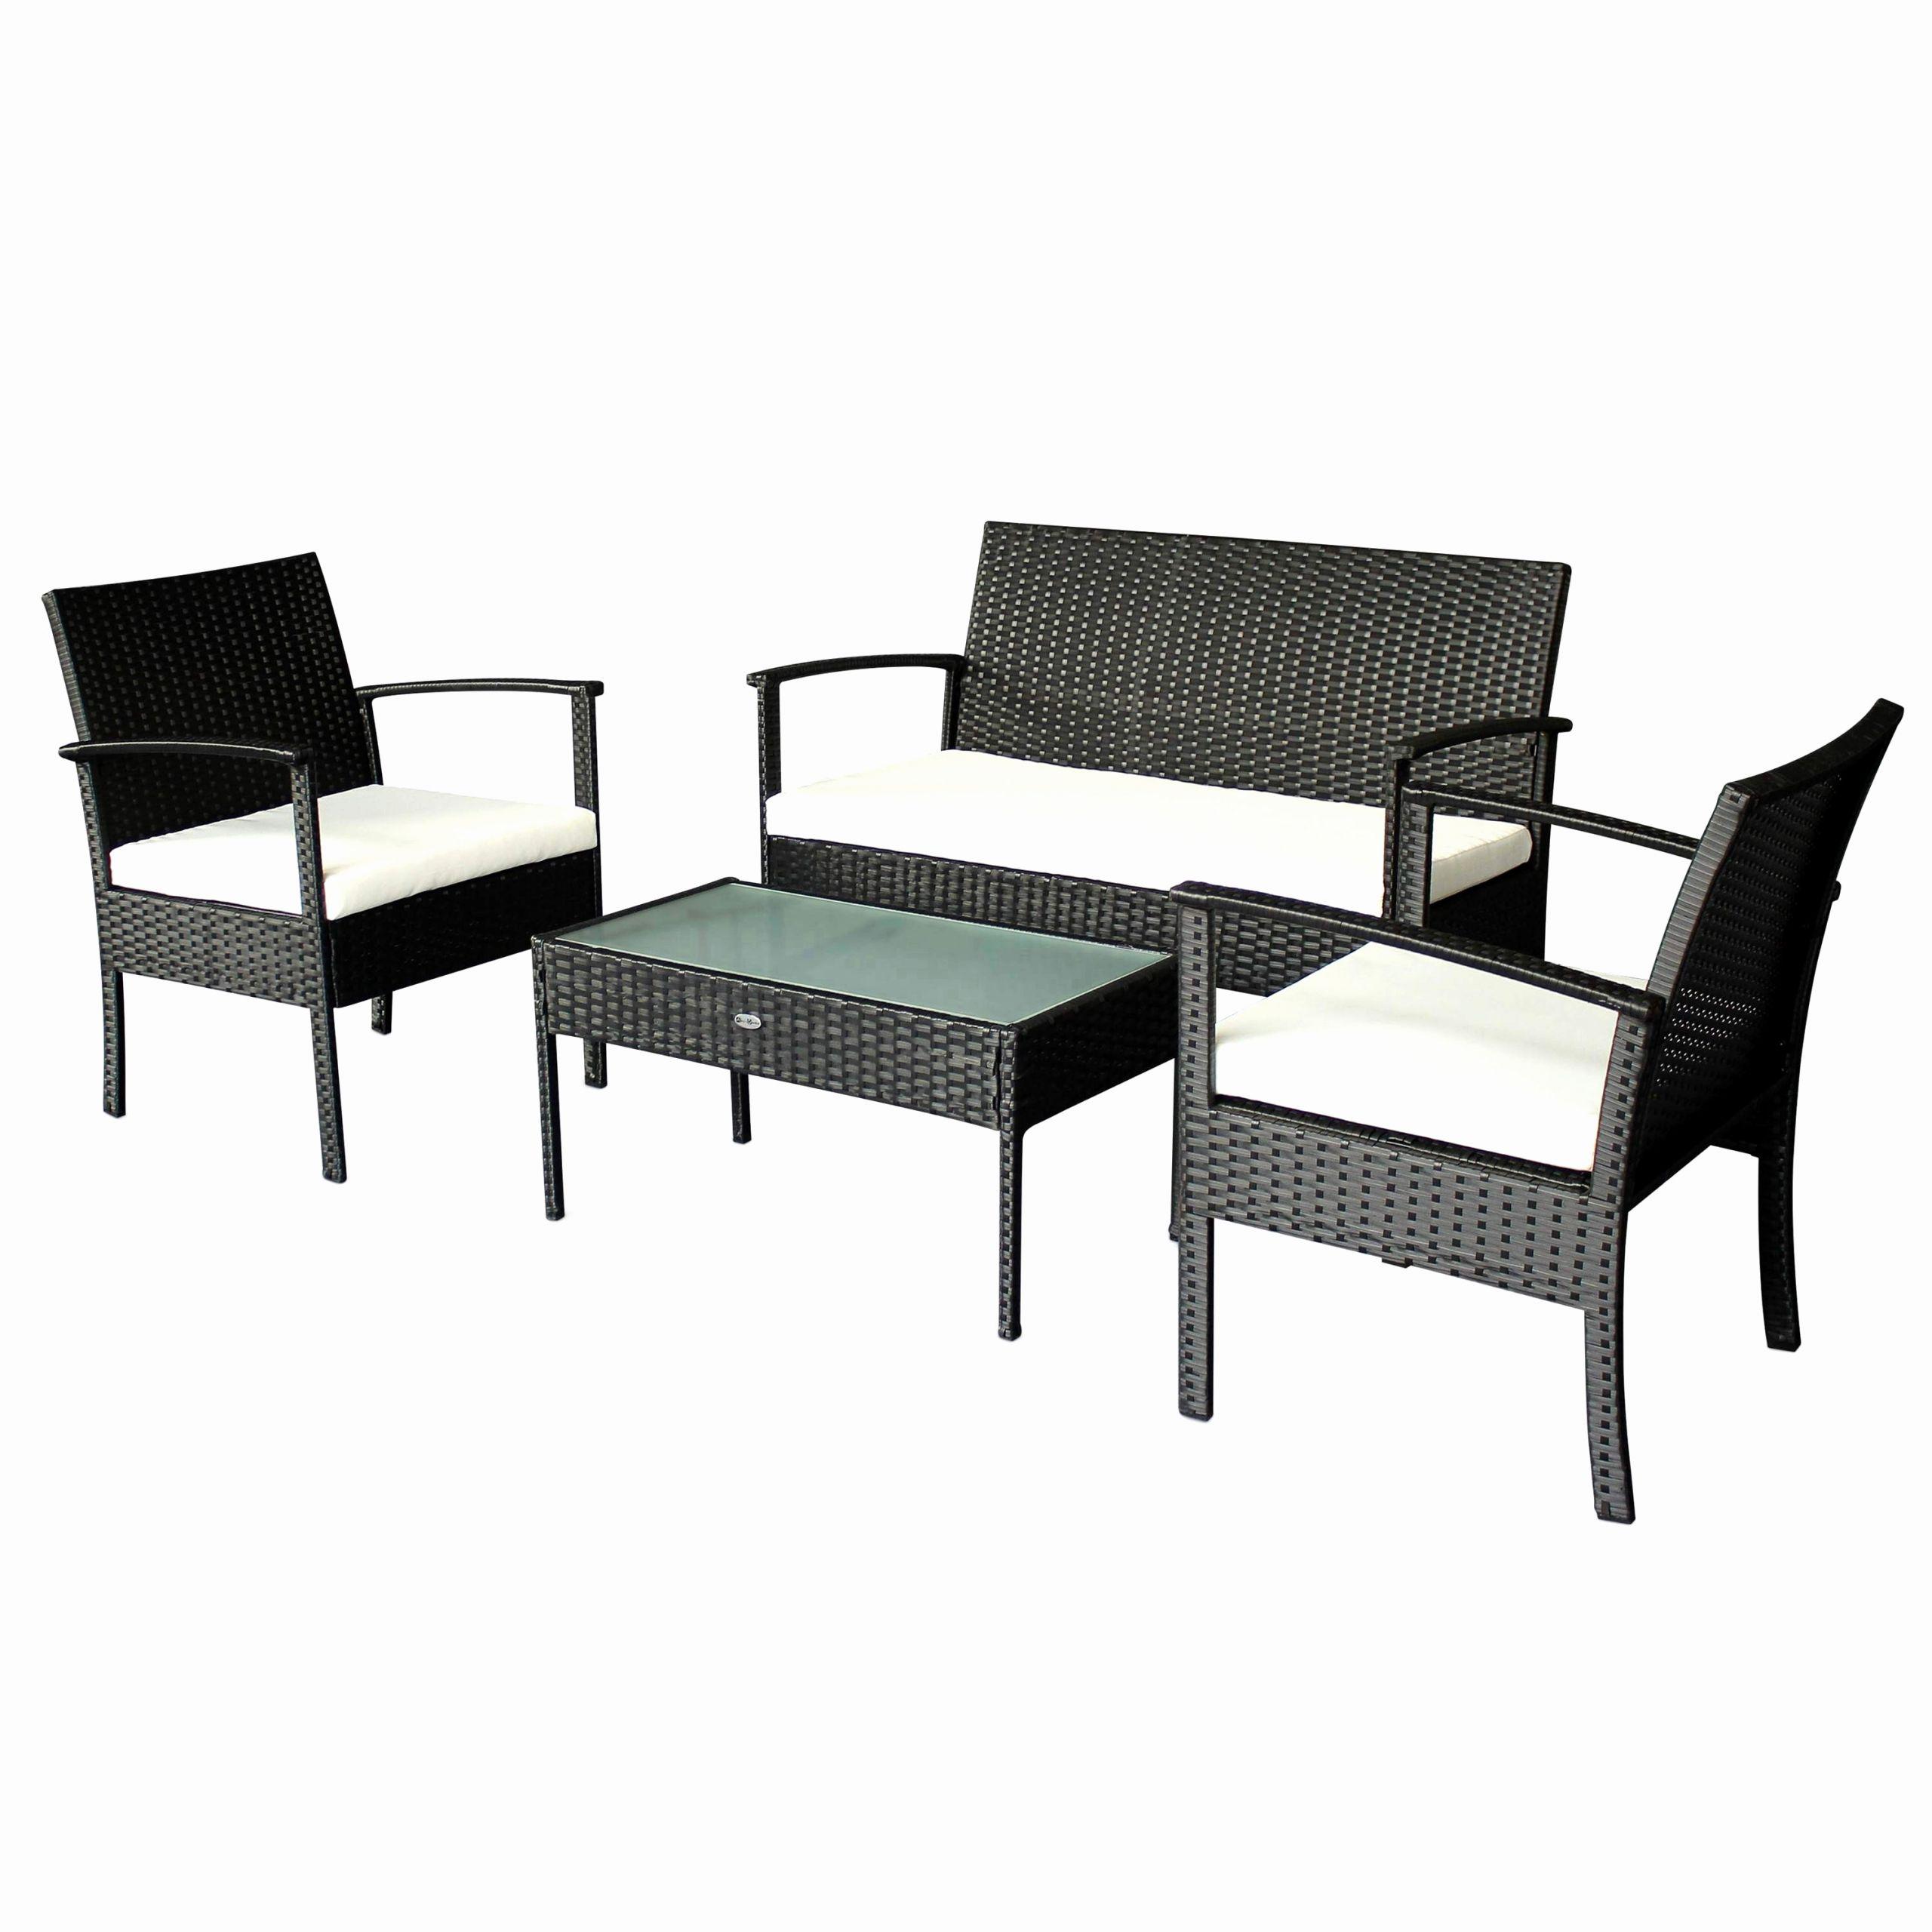 mobilier de jardin contemporain charmant mobilier de jardin en palette impressionnant table jardin teck luxe of mobilier de jardin contemporain